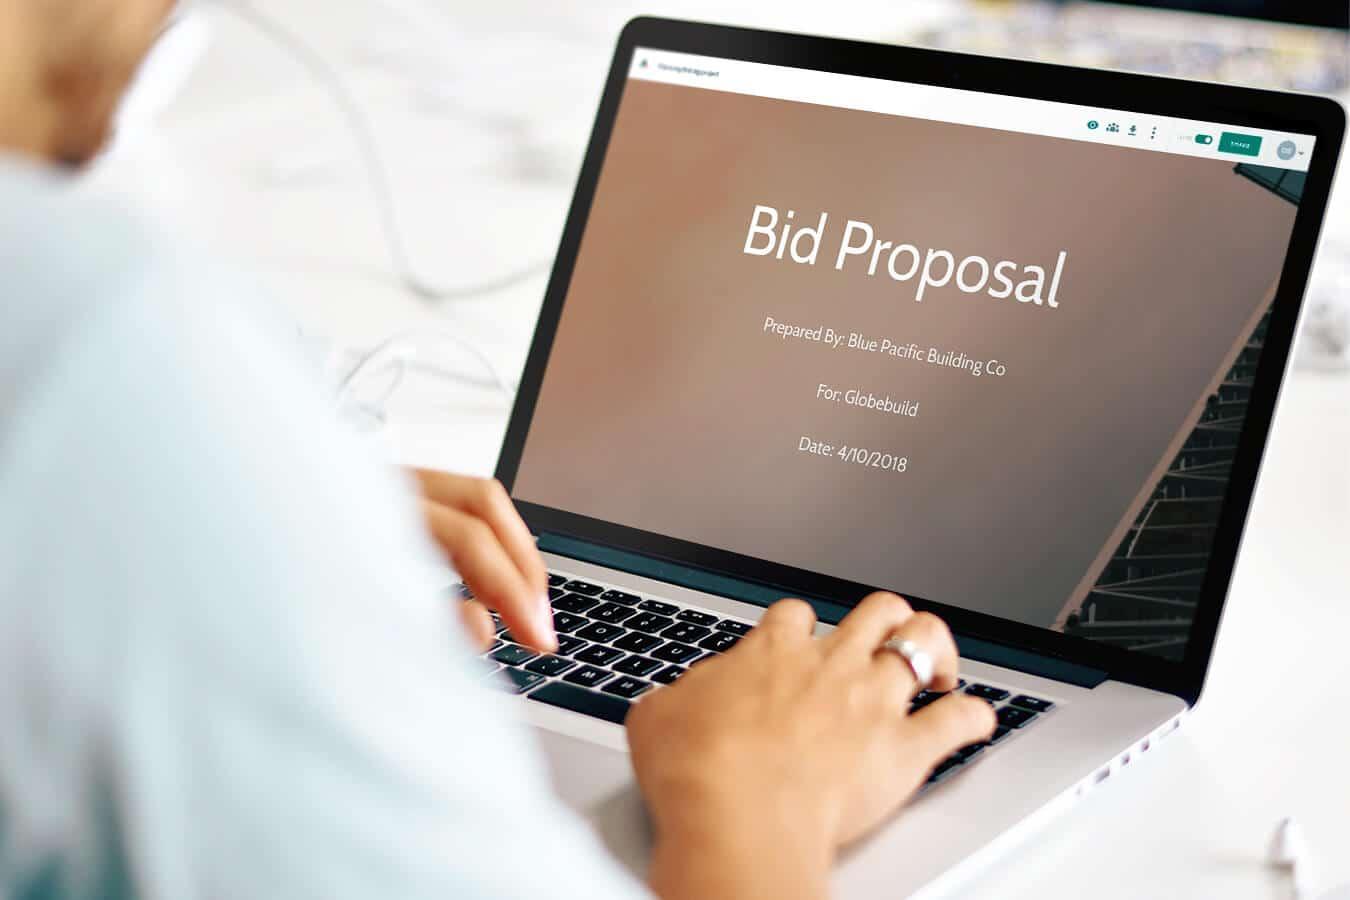 laptop-bid-proposal